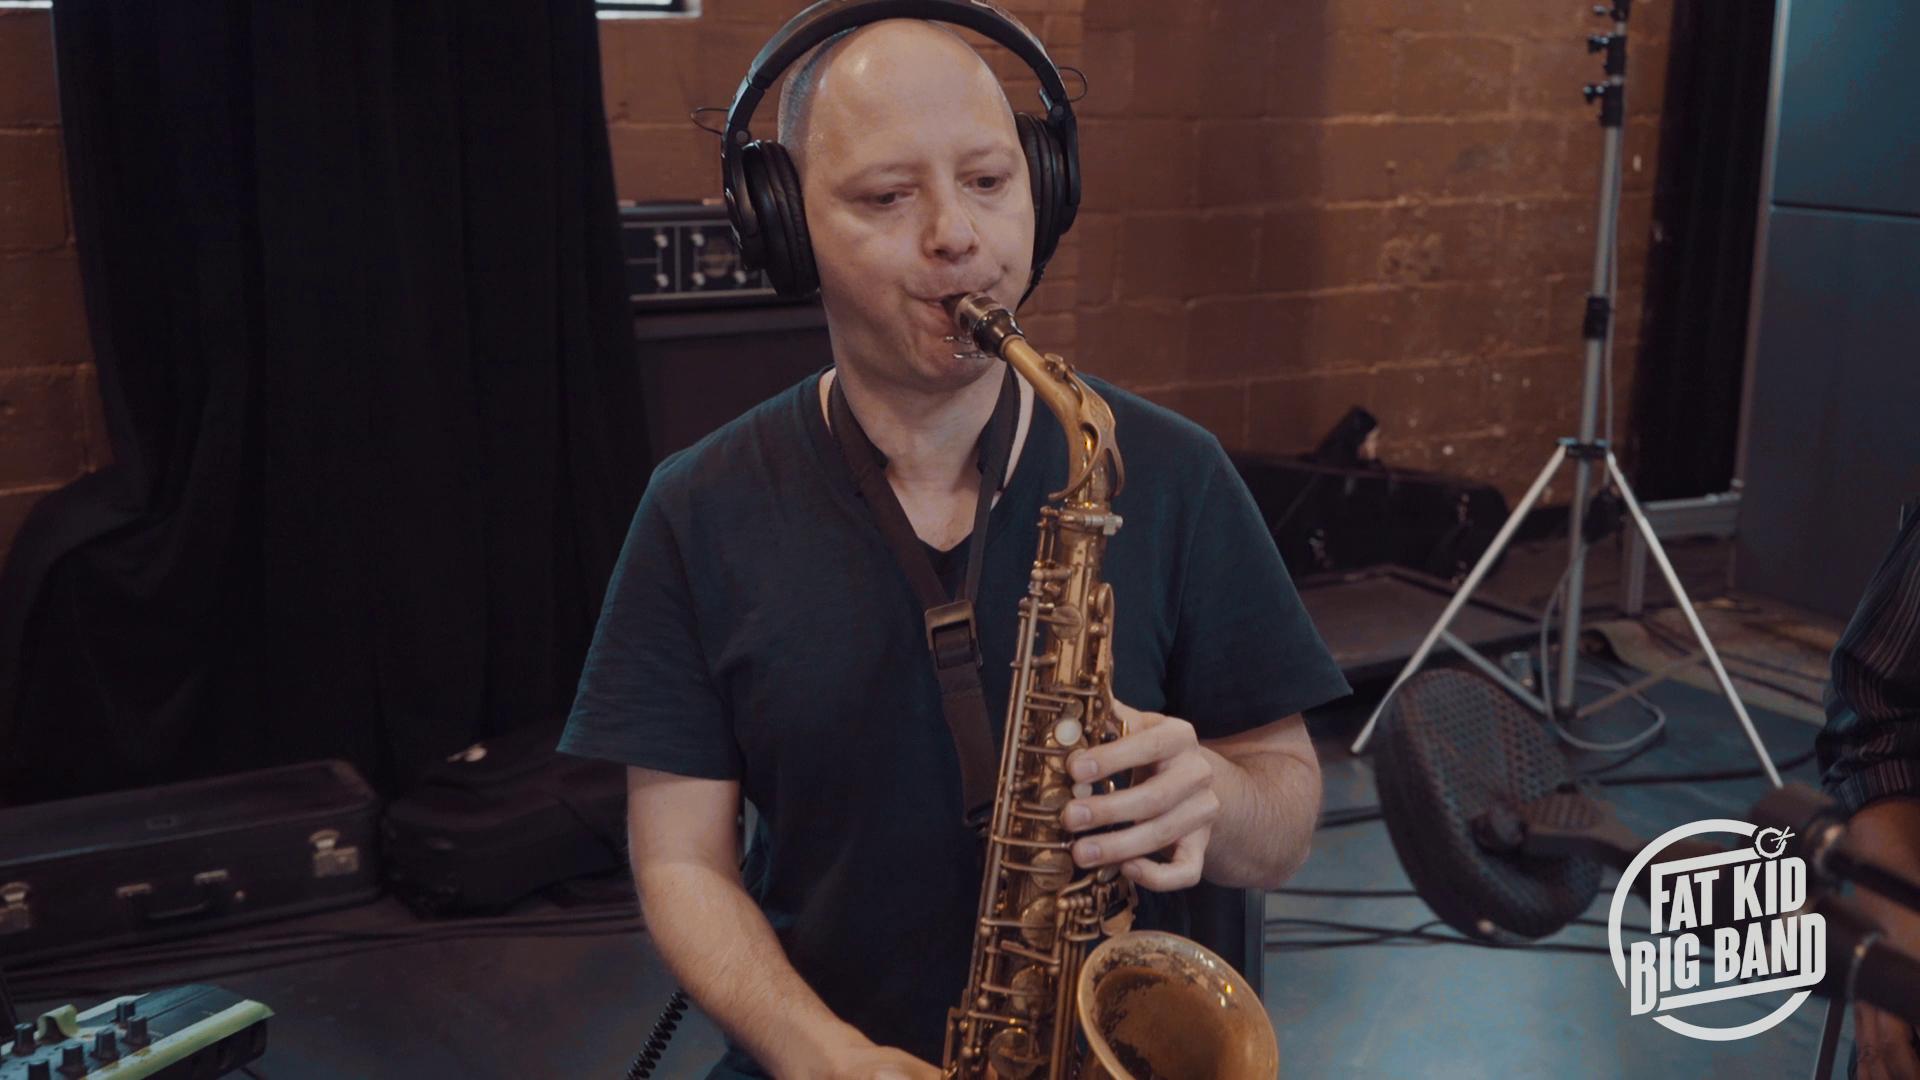 Tevet- lead sax